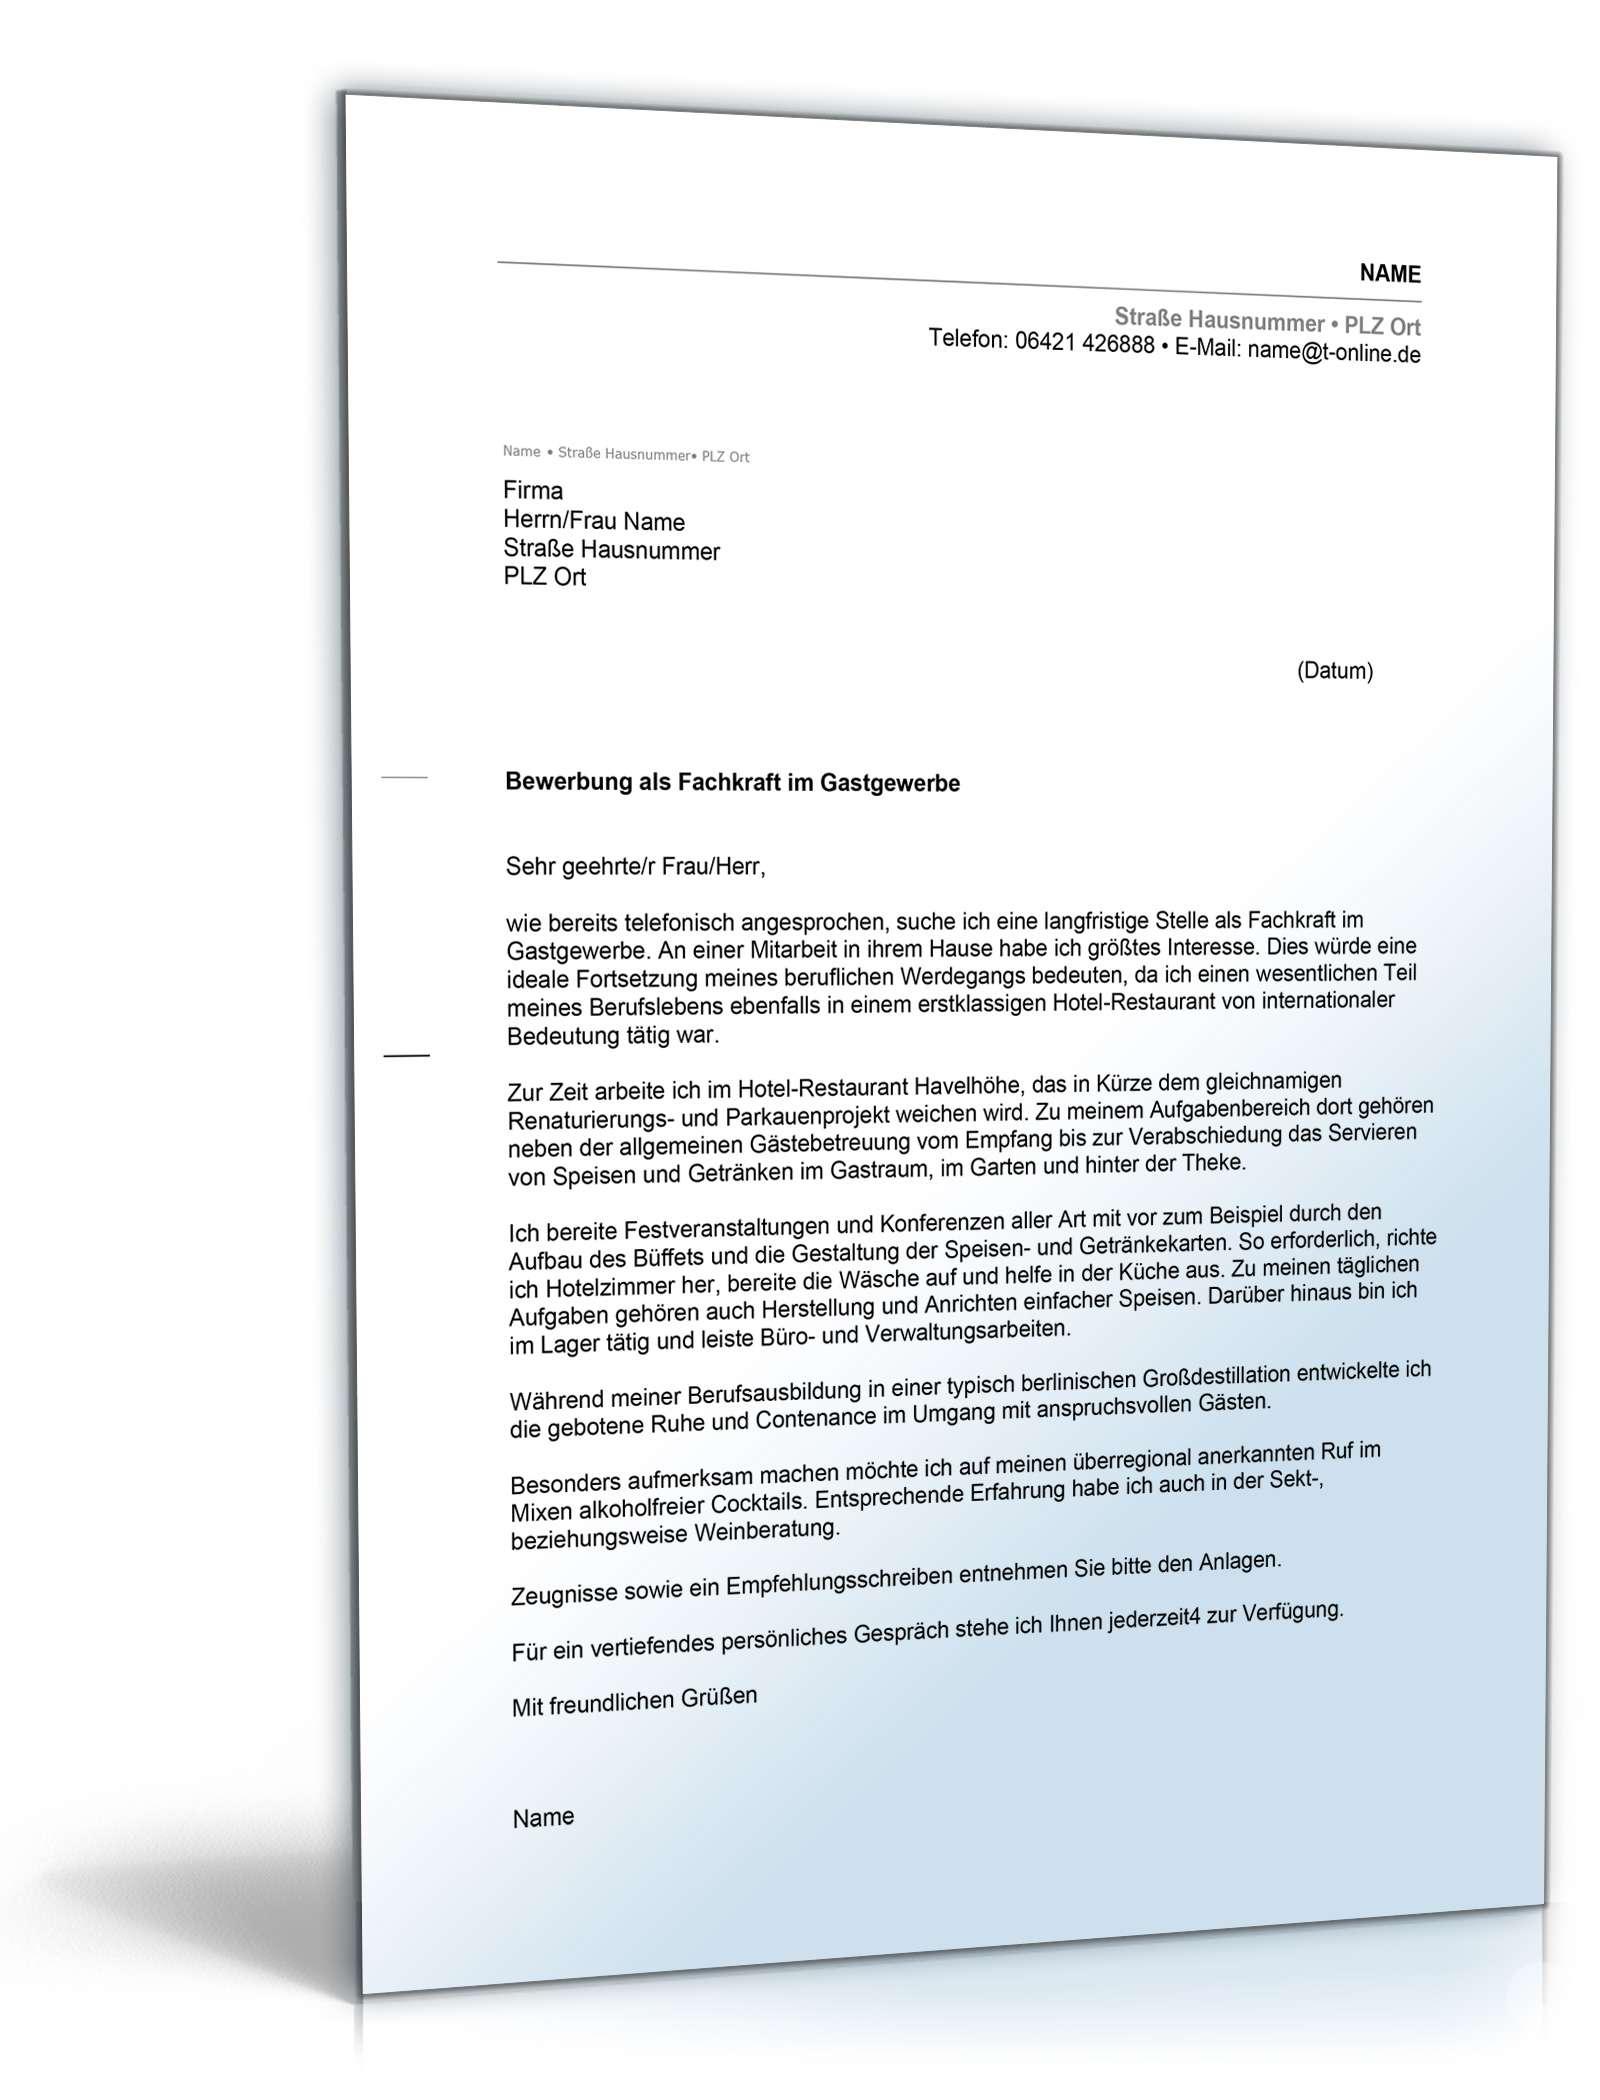 Anschreiben Bewerbung Hotel- und Gastgewerbe | Muster zum Download